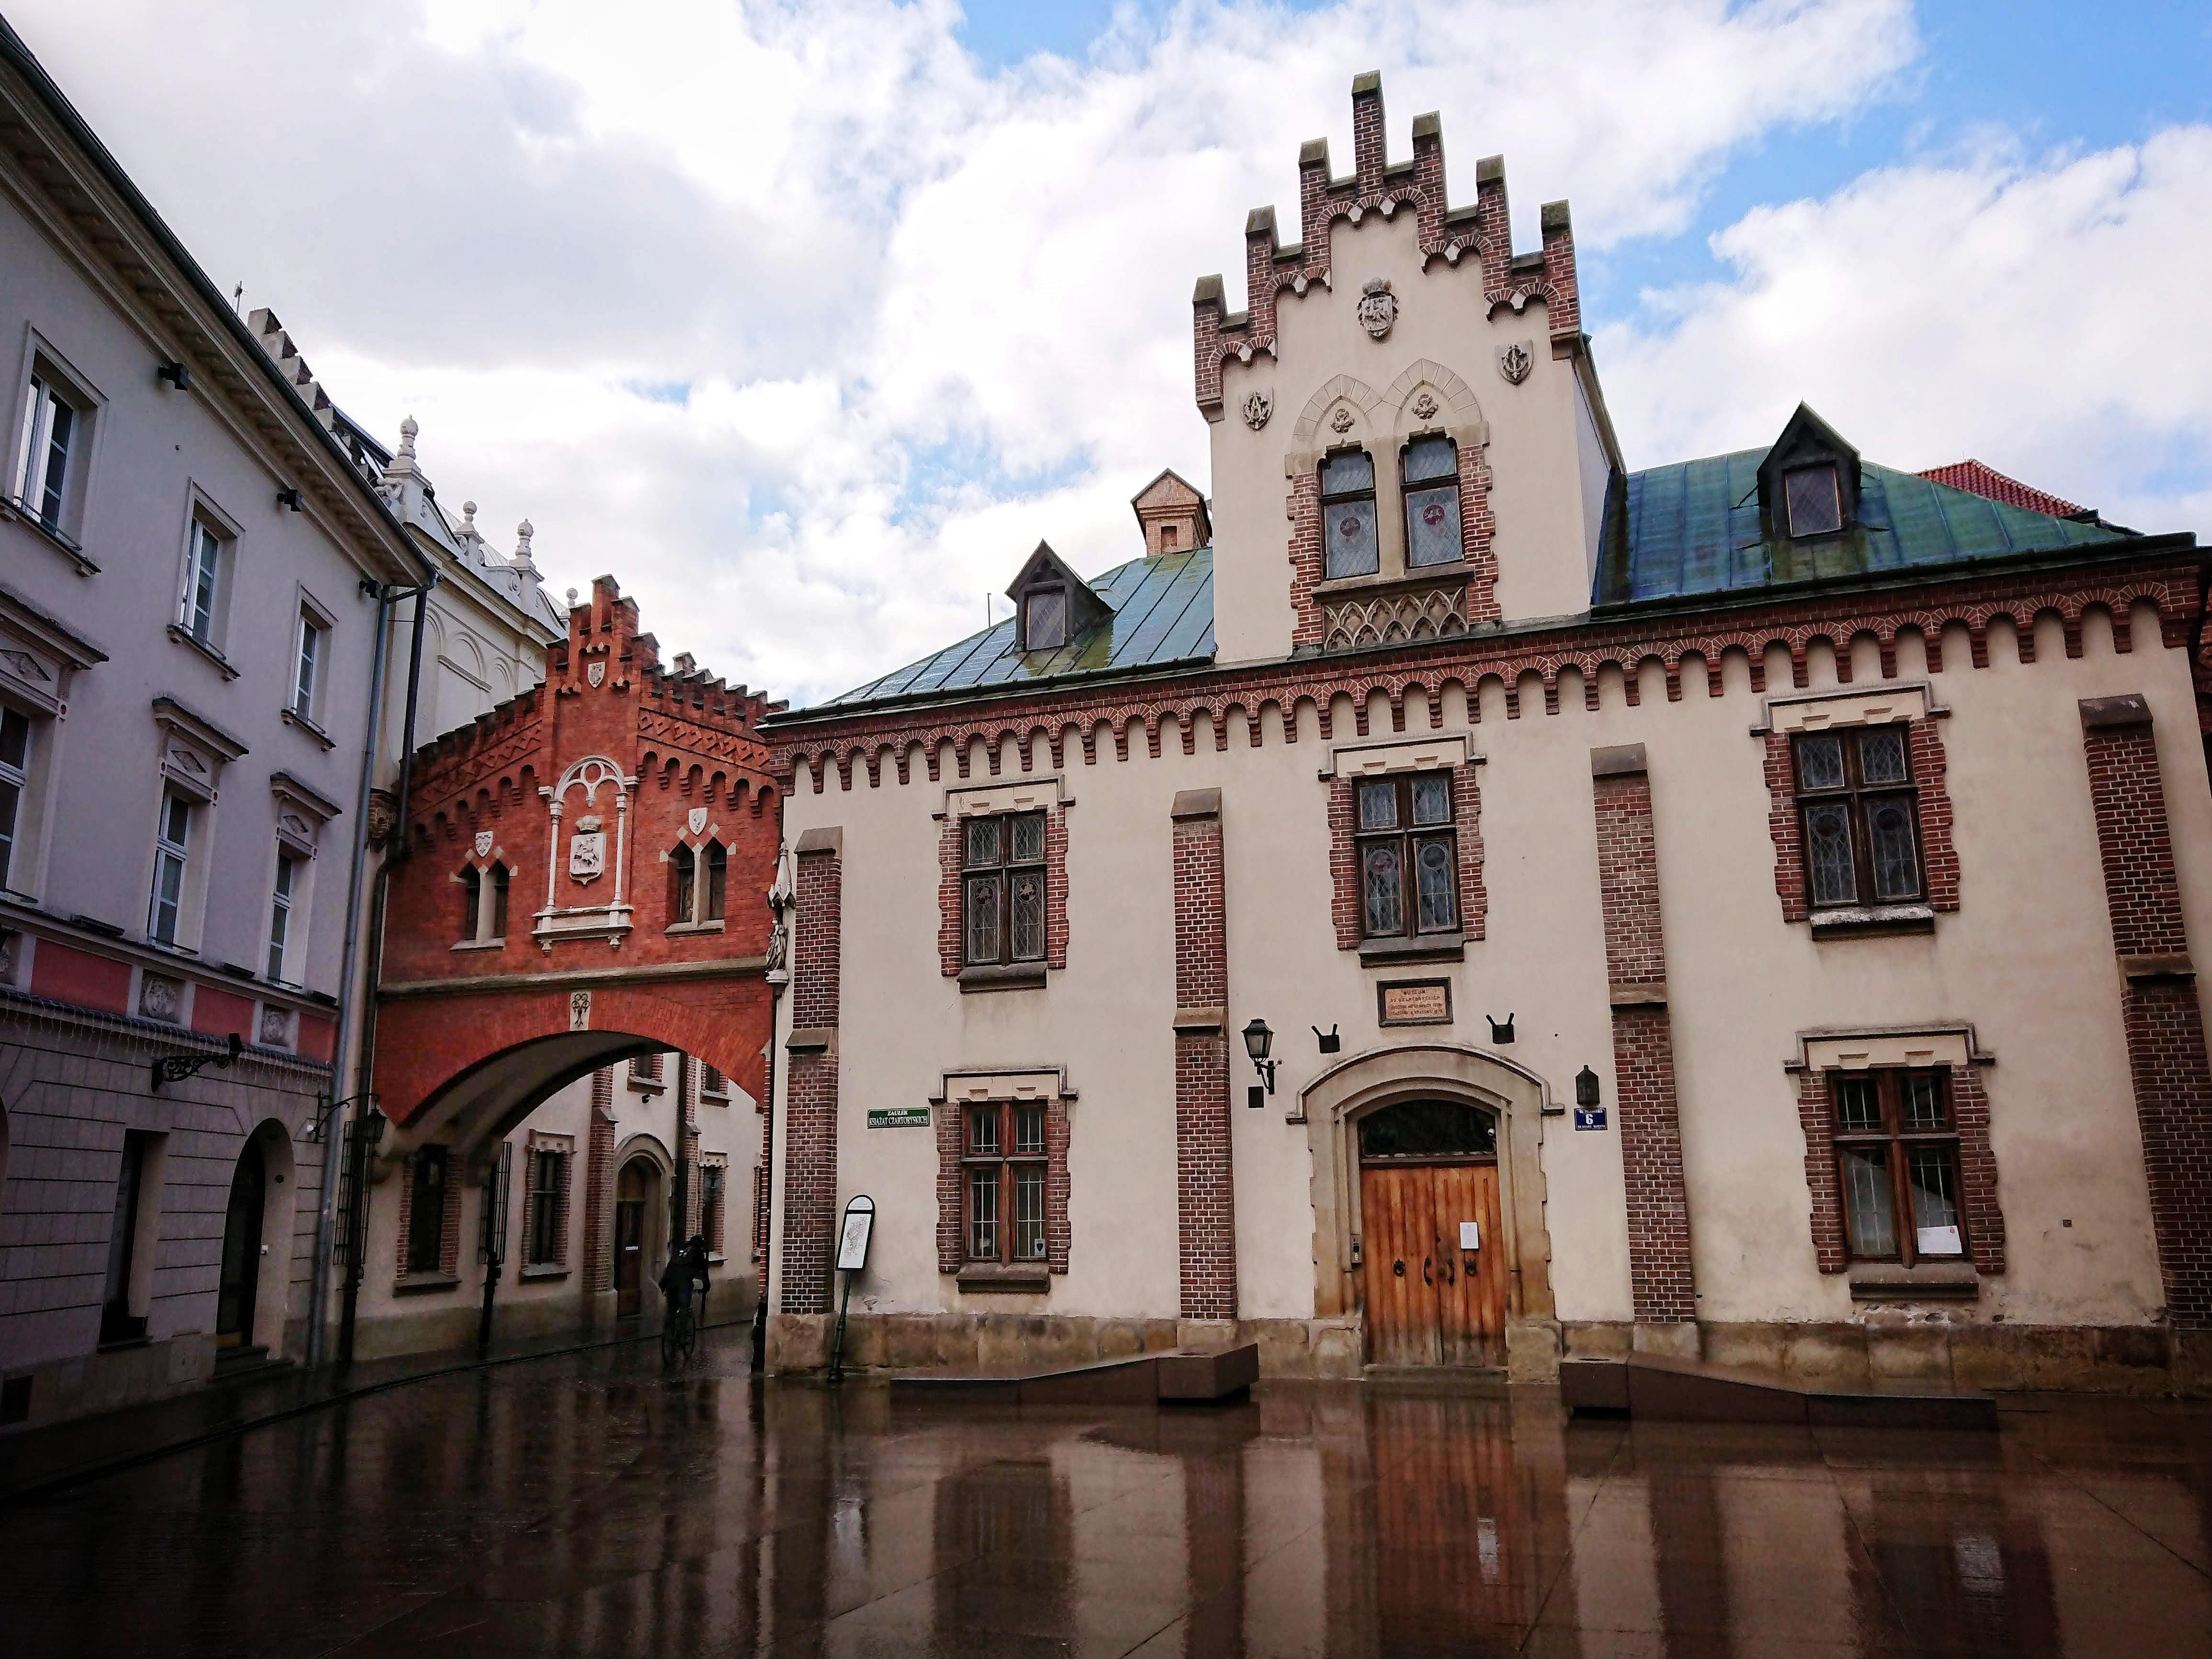 Klasztorek z kompleksie Muzeum Czartoryskich, źródło: archiwum autorki